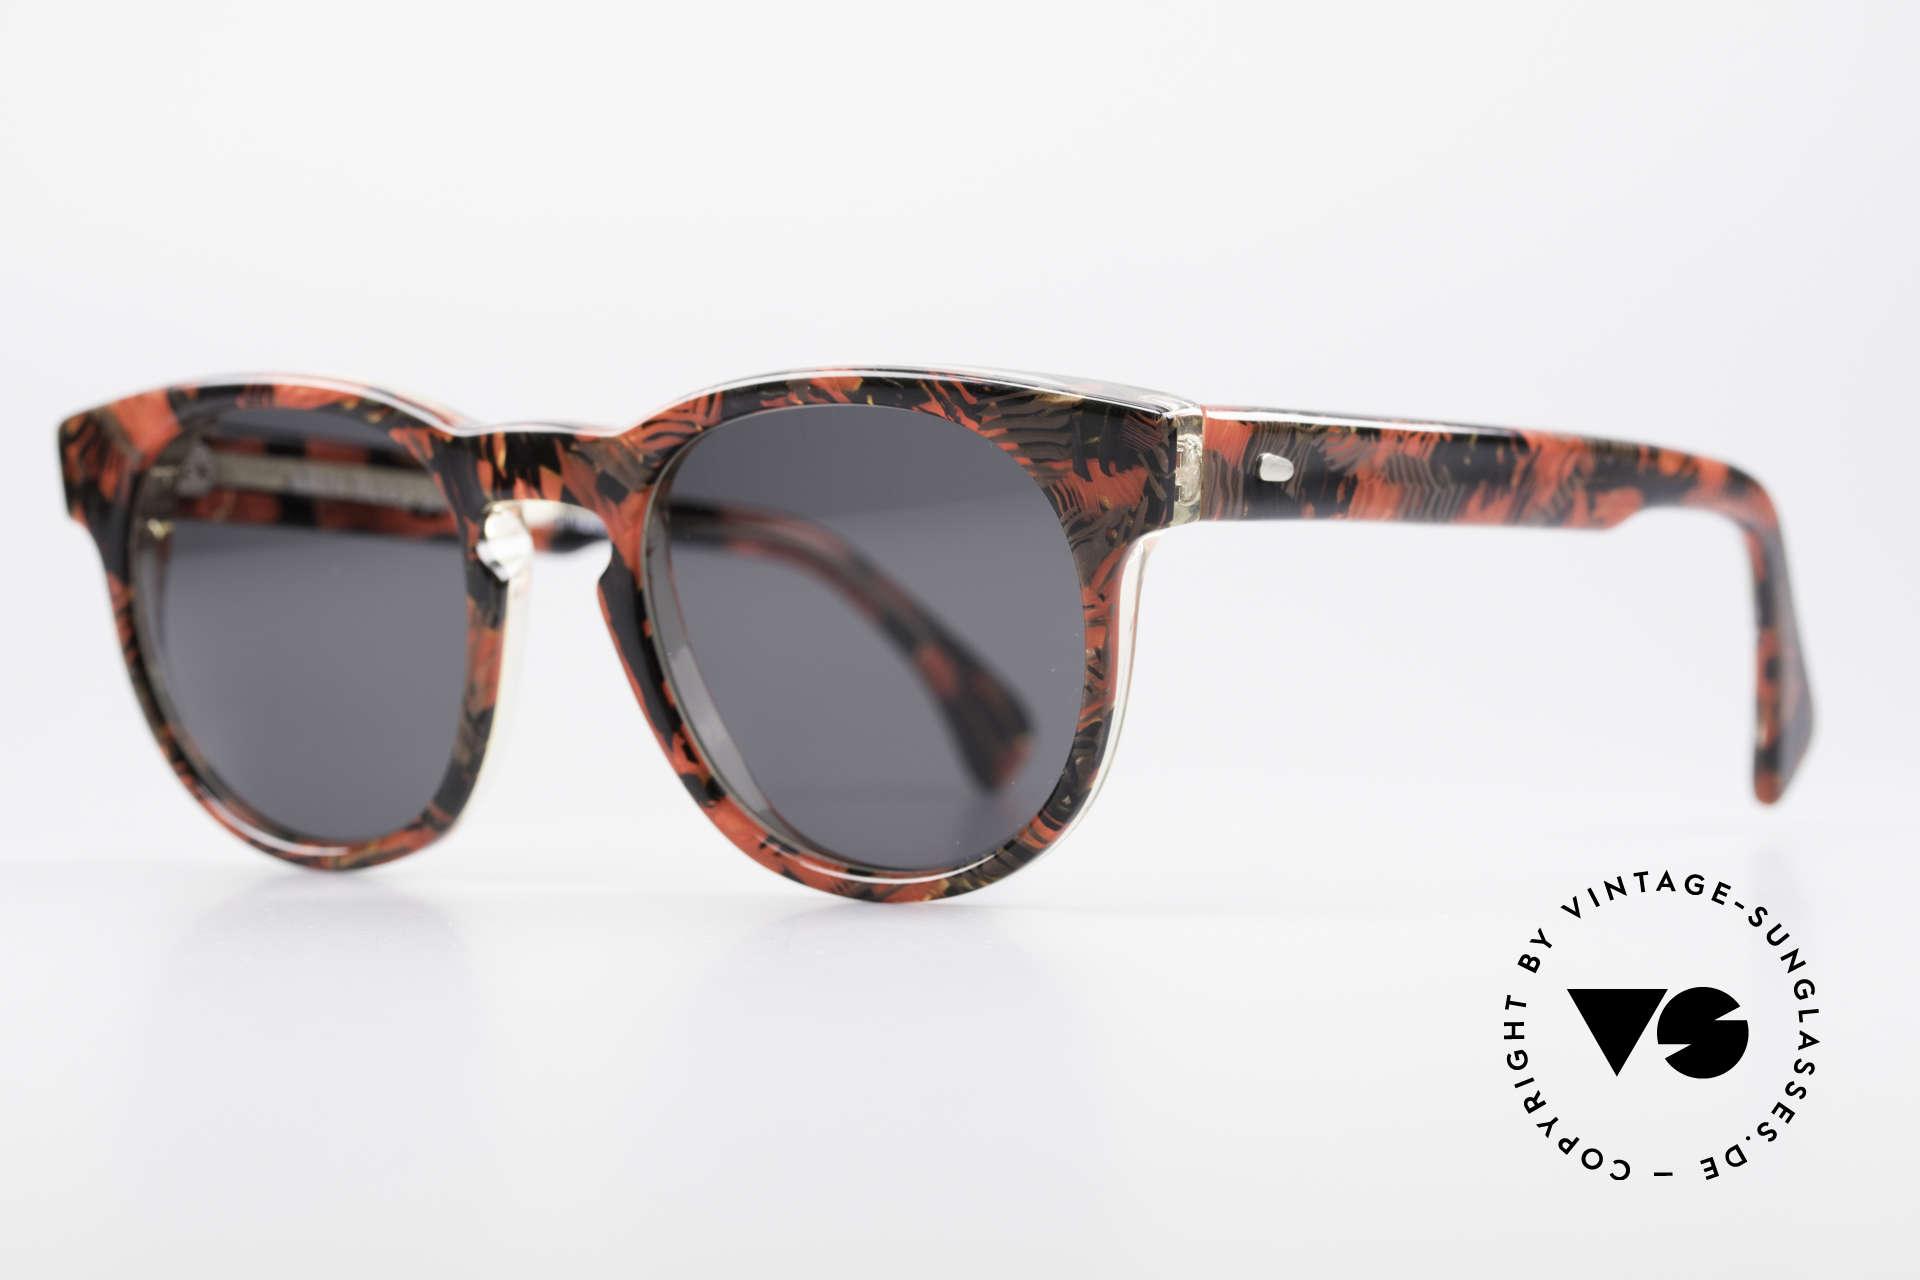 Alain Mikli 903 / 687 80er Panto Sonnenbrille Small, im Stile der alten 'Tart Optical Arnel' aus den 60ern, Passend für Herren und Damen